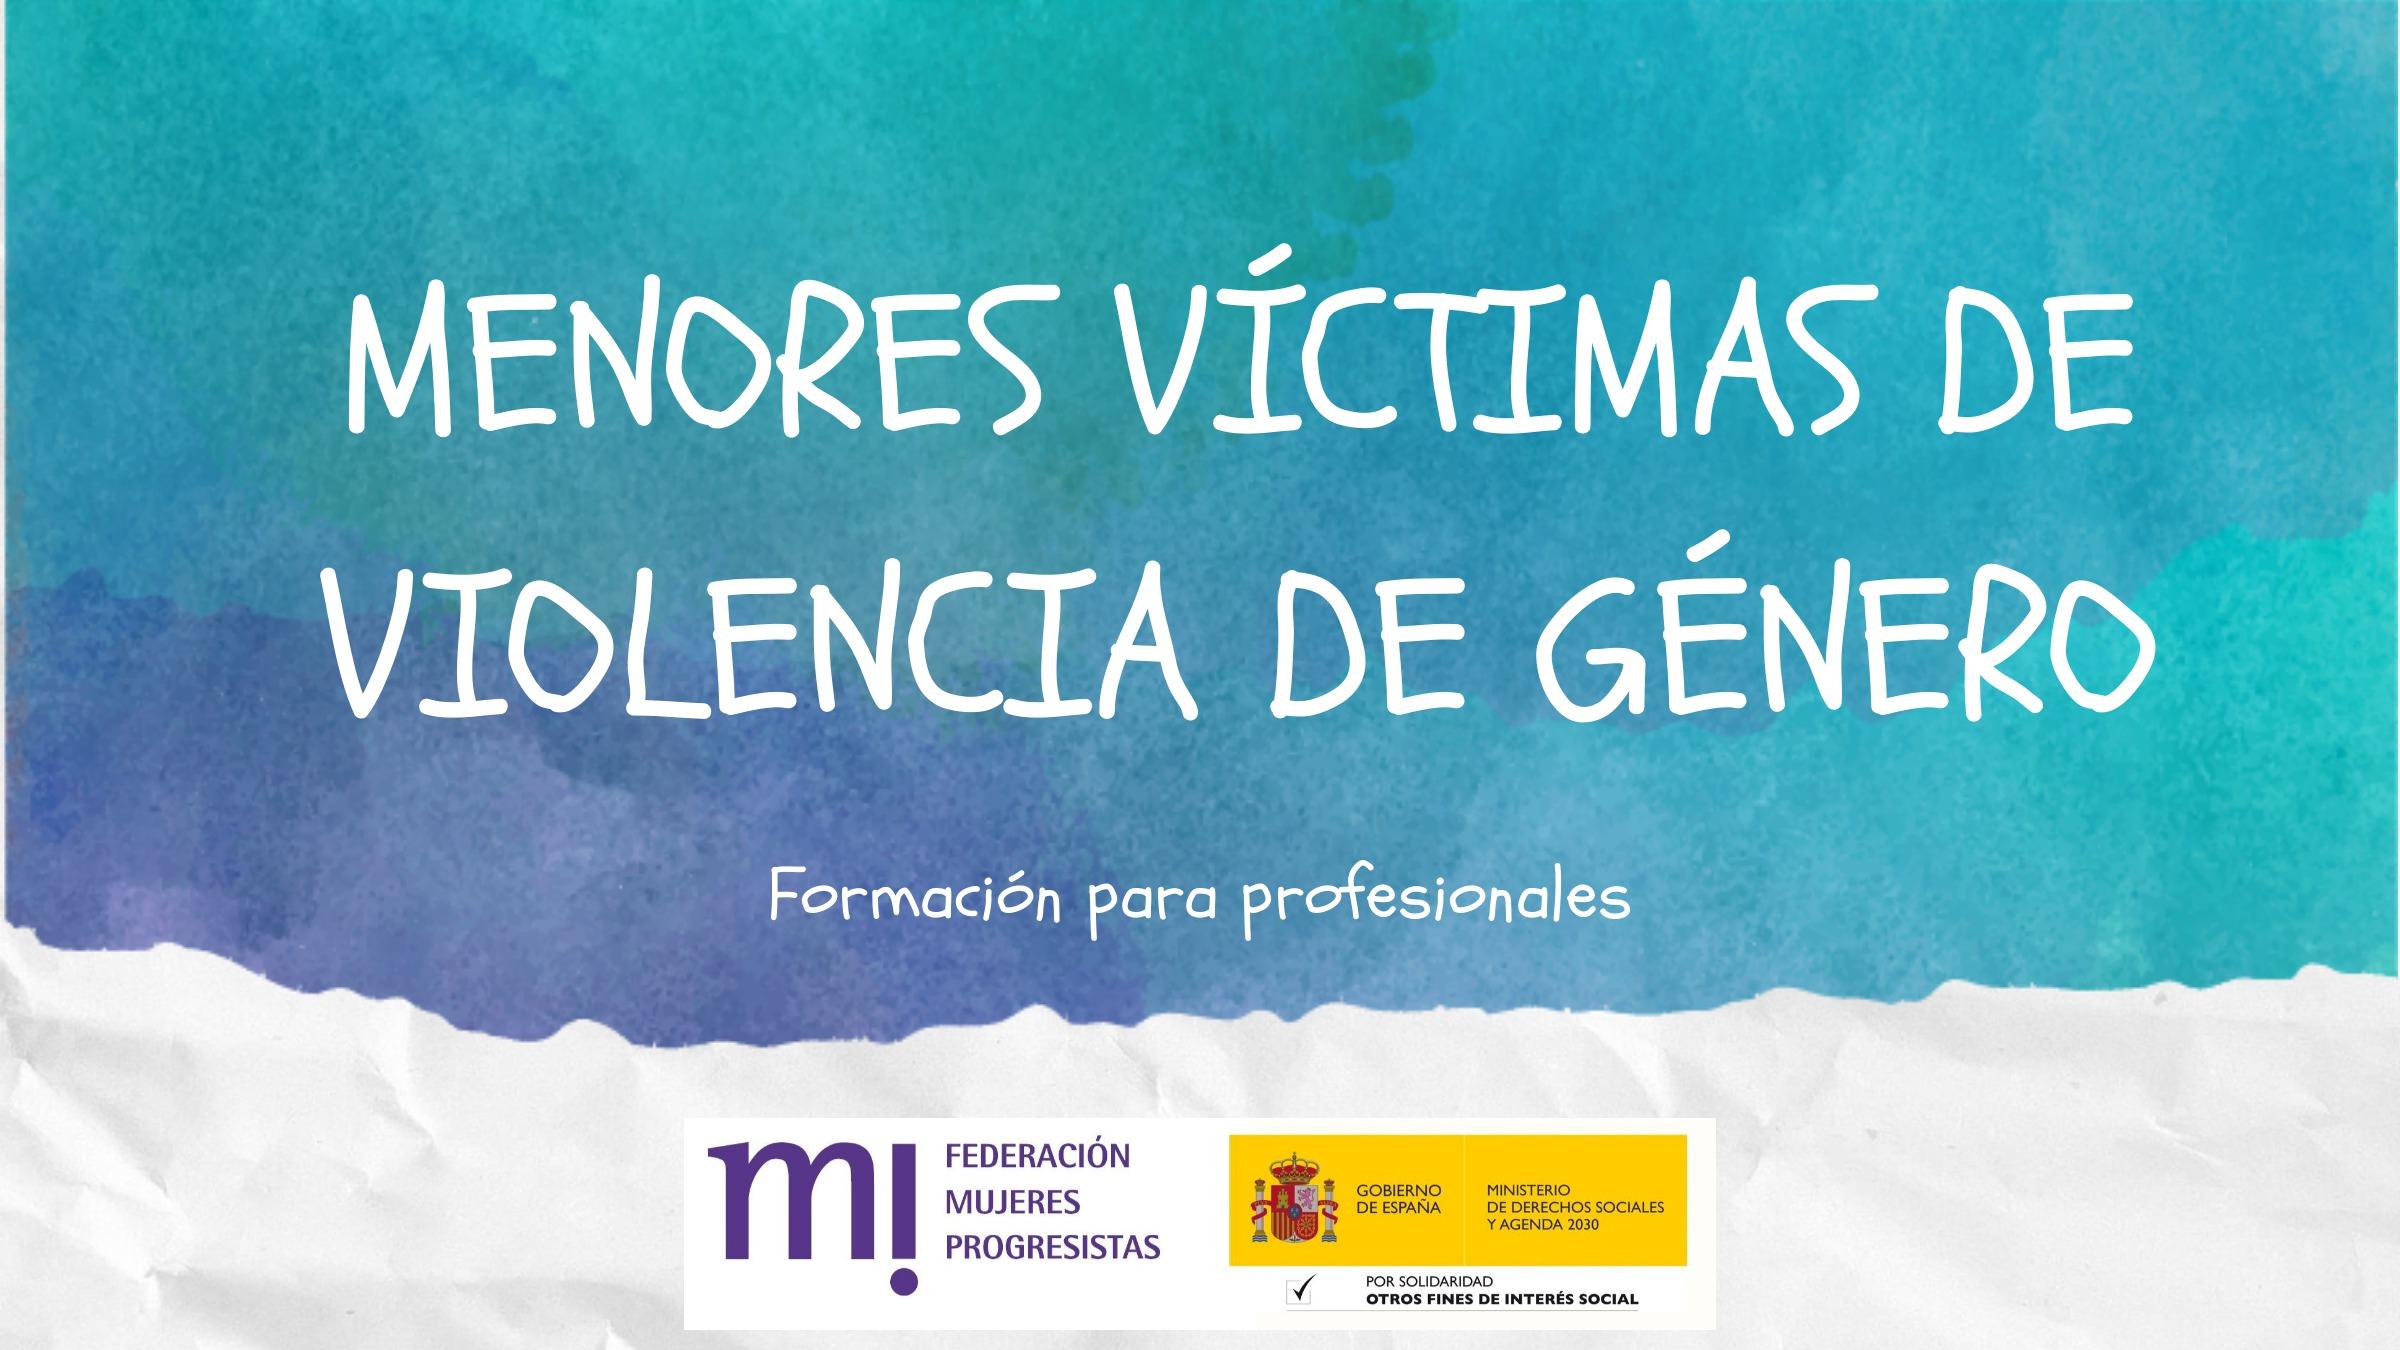 Course Image 4ª Edición: Menores víctimas de violencia de género